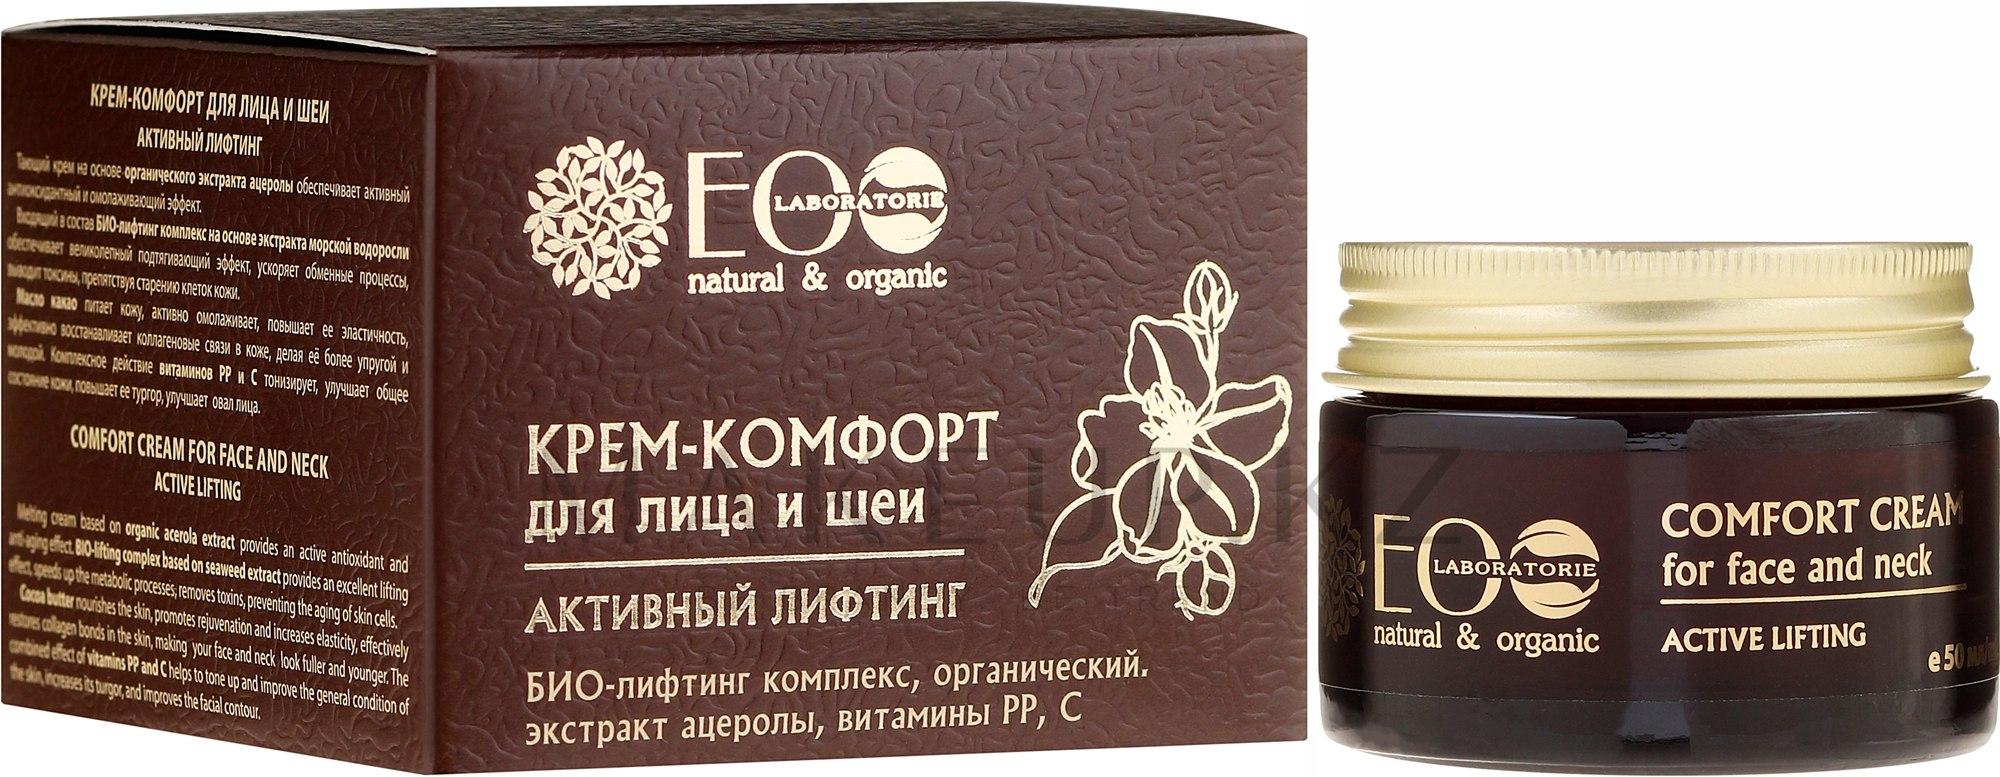 """Крем-комфорт для лица и шеи """"Активный лифтинг"""" - ECO Laboratorie Face Cream — фото 50 ml"""